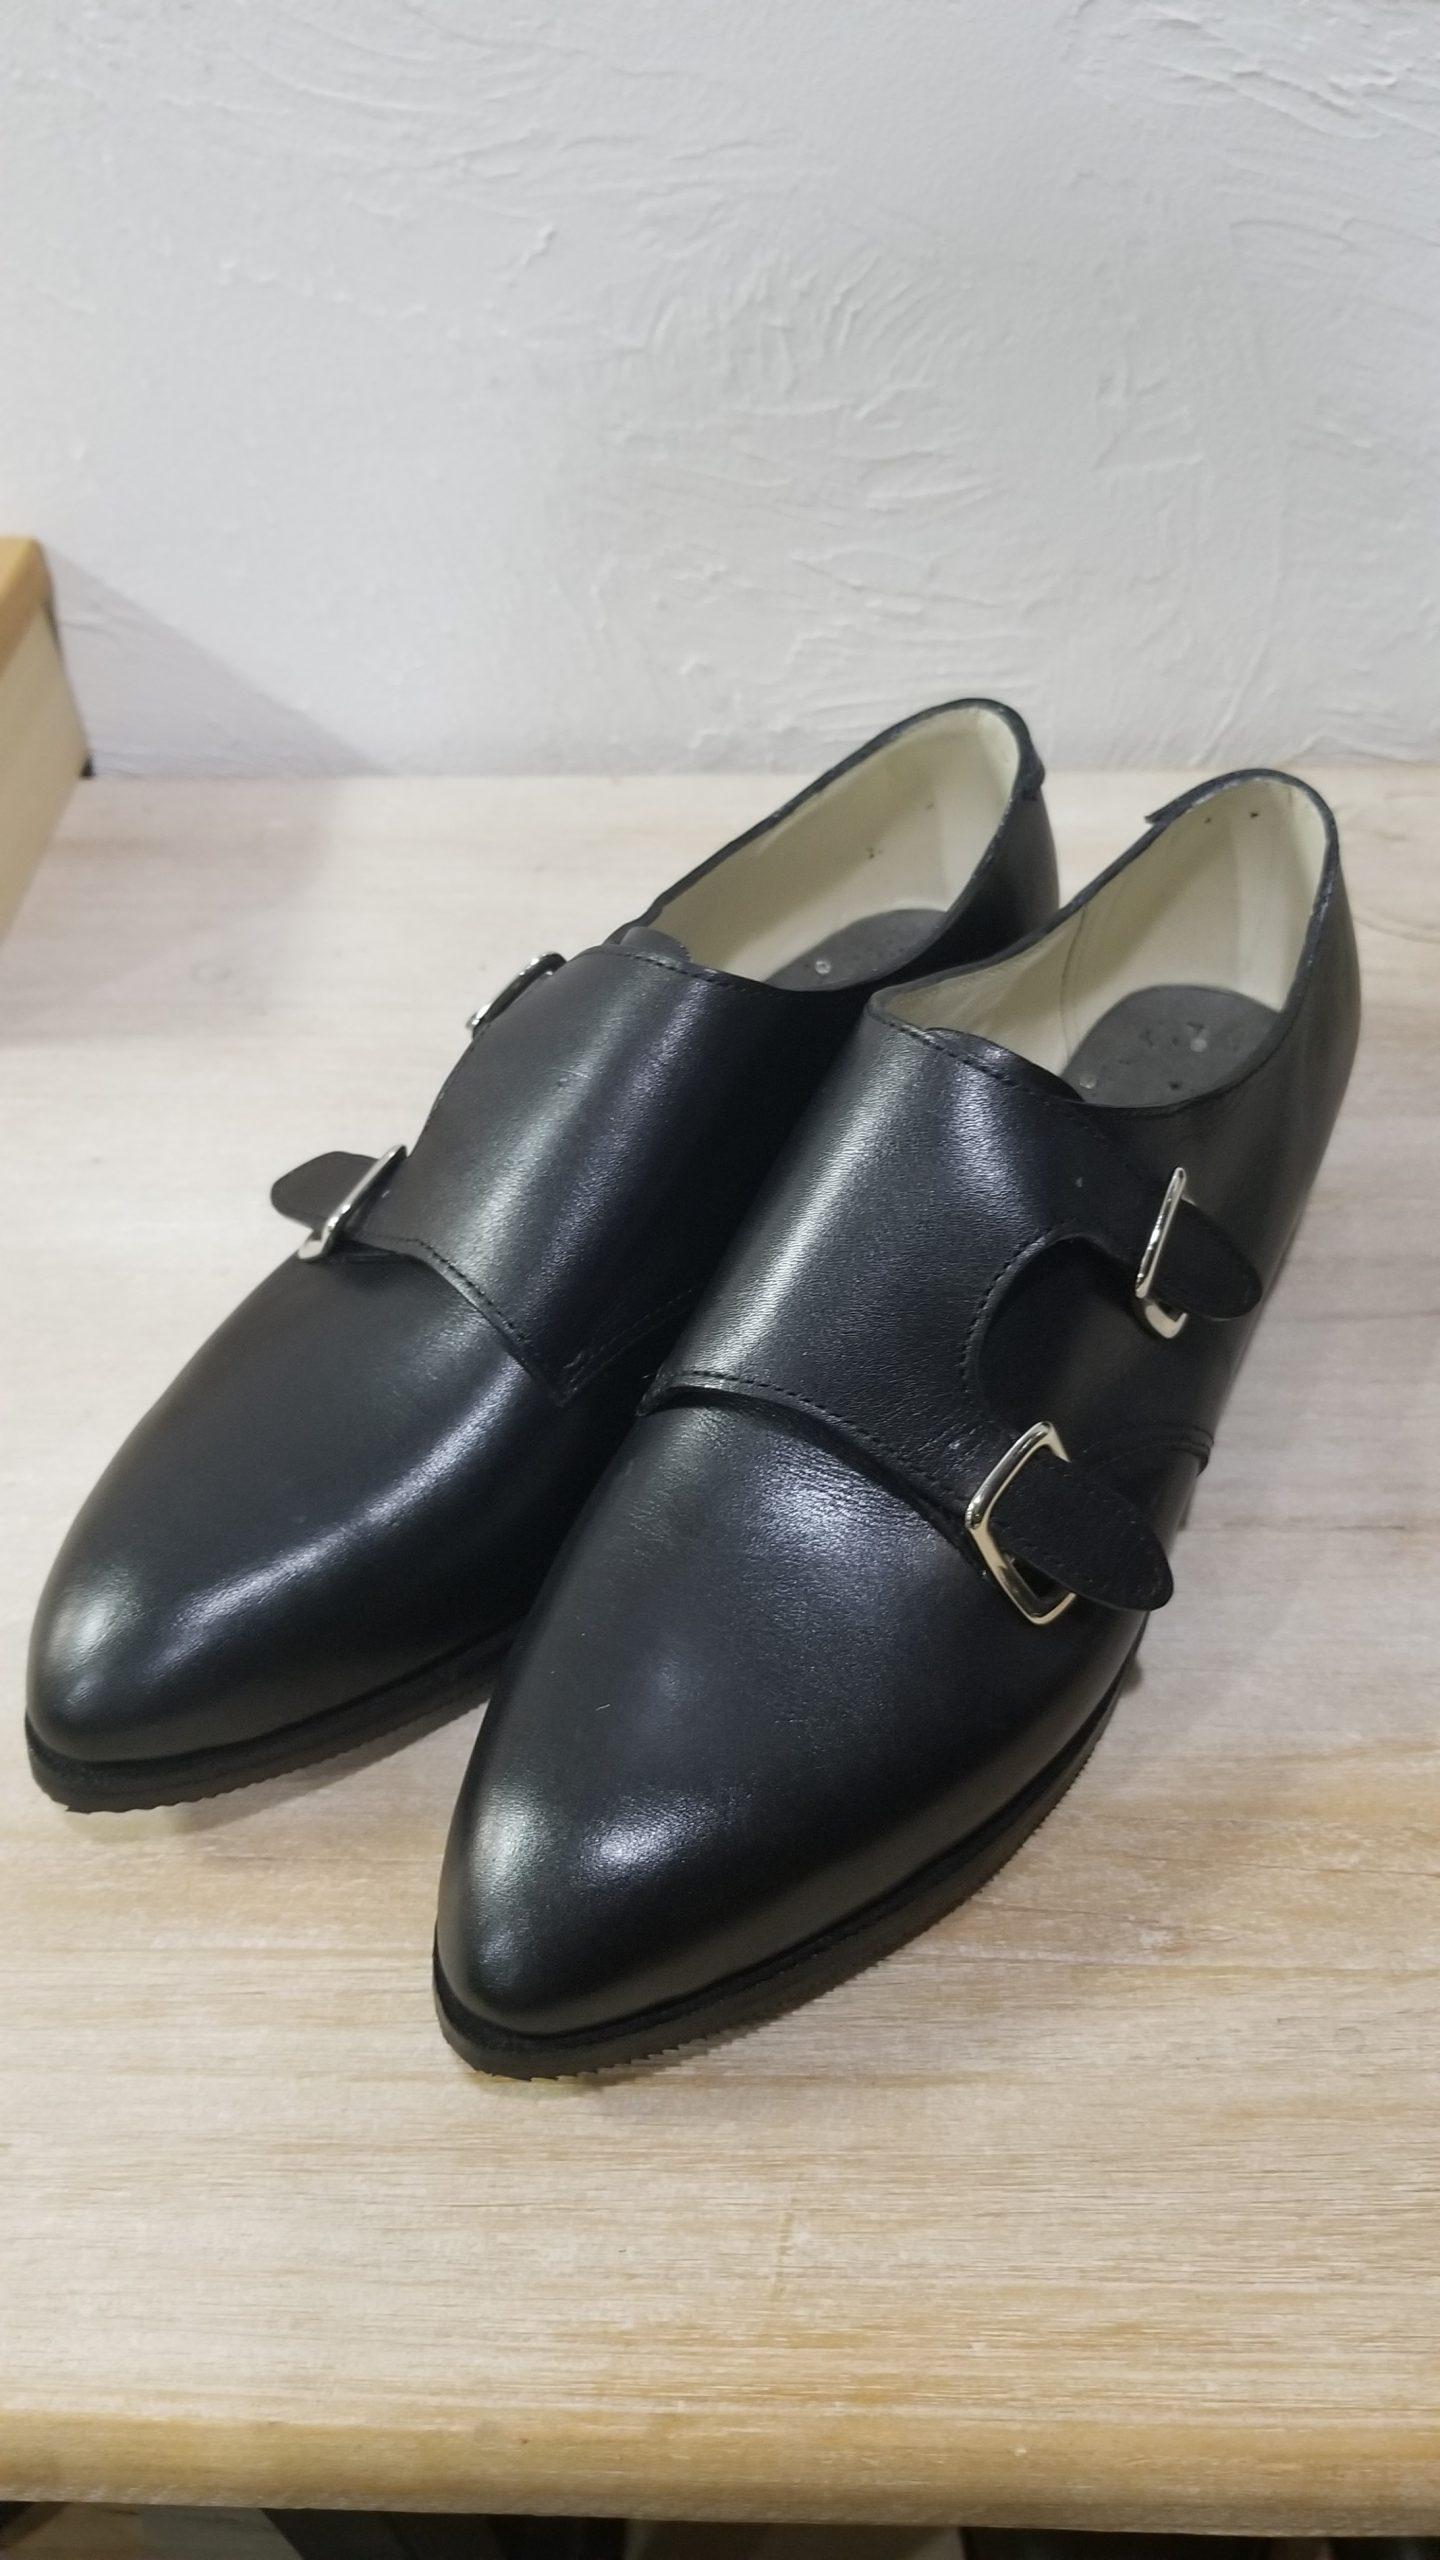 2020/09/04生徒さん靴完成